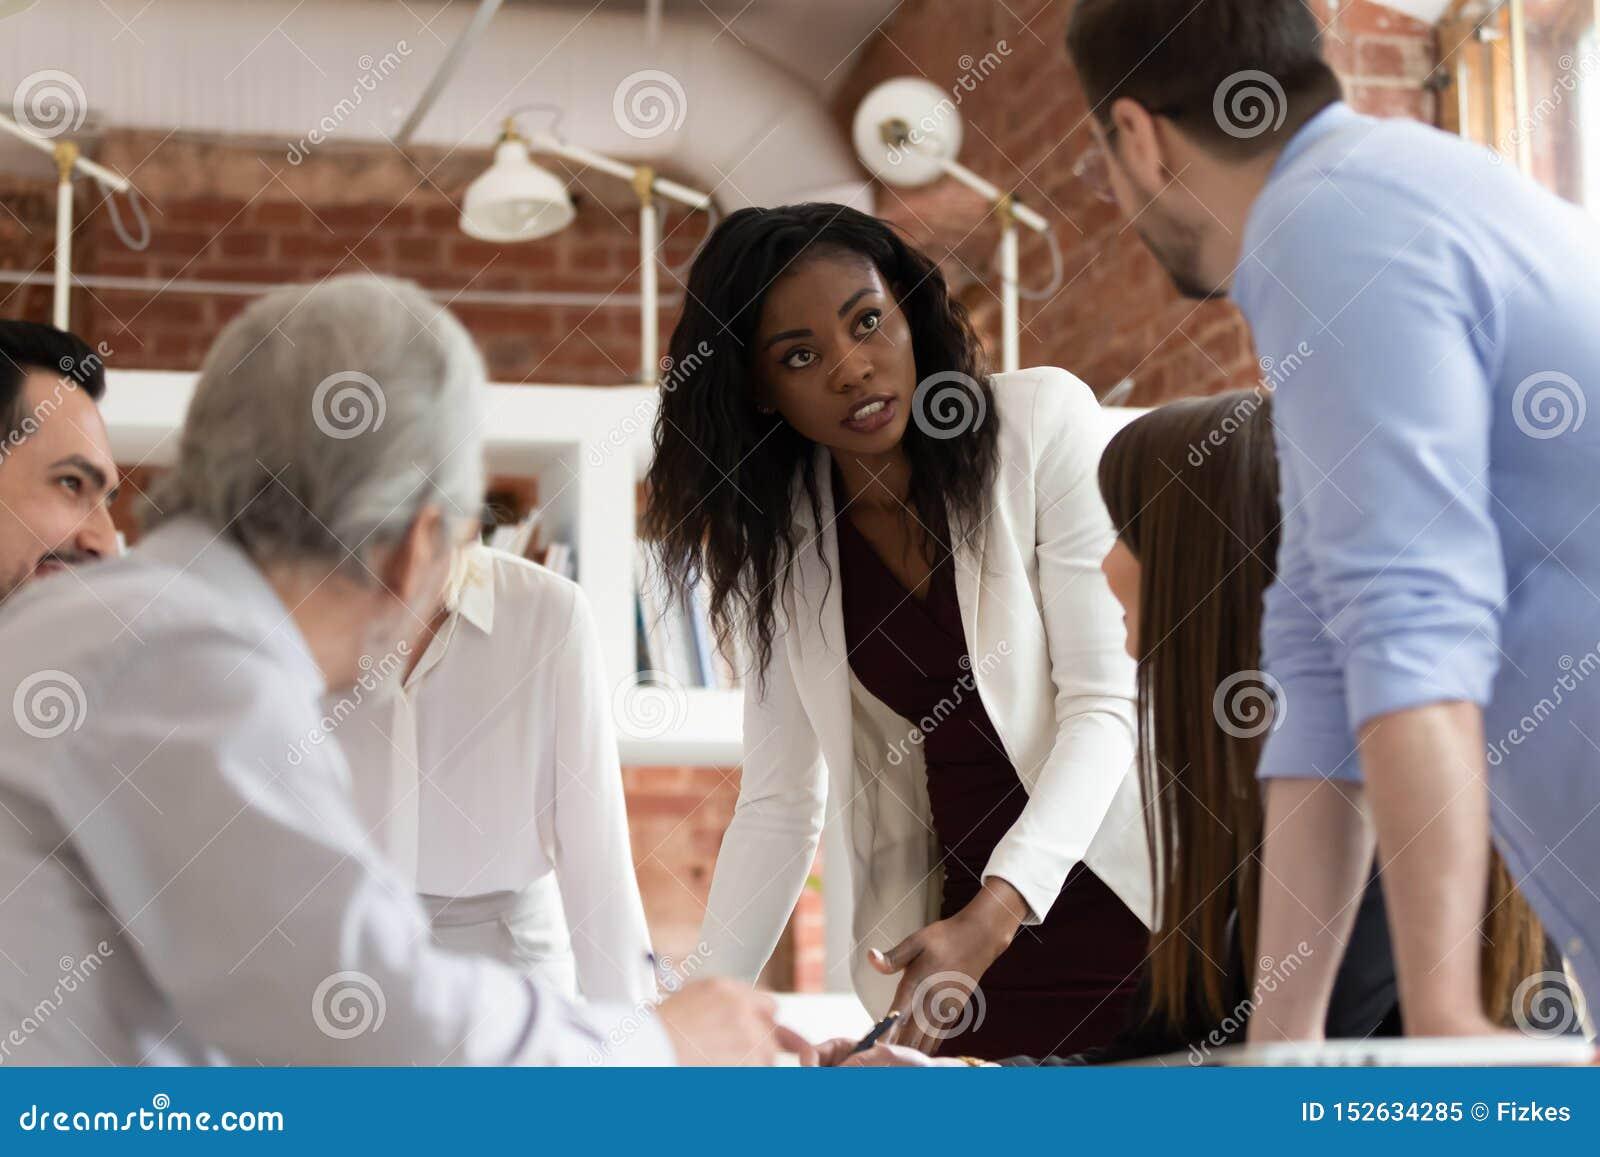 Σοβαρή θηλυκή μαύρη εκτελεστική συζήτηση με τον άνδρα συνάδελφος στην ενημέρωση